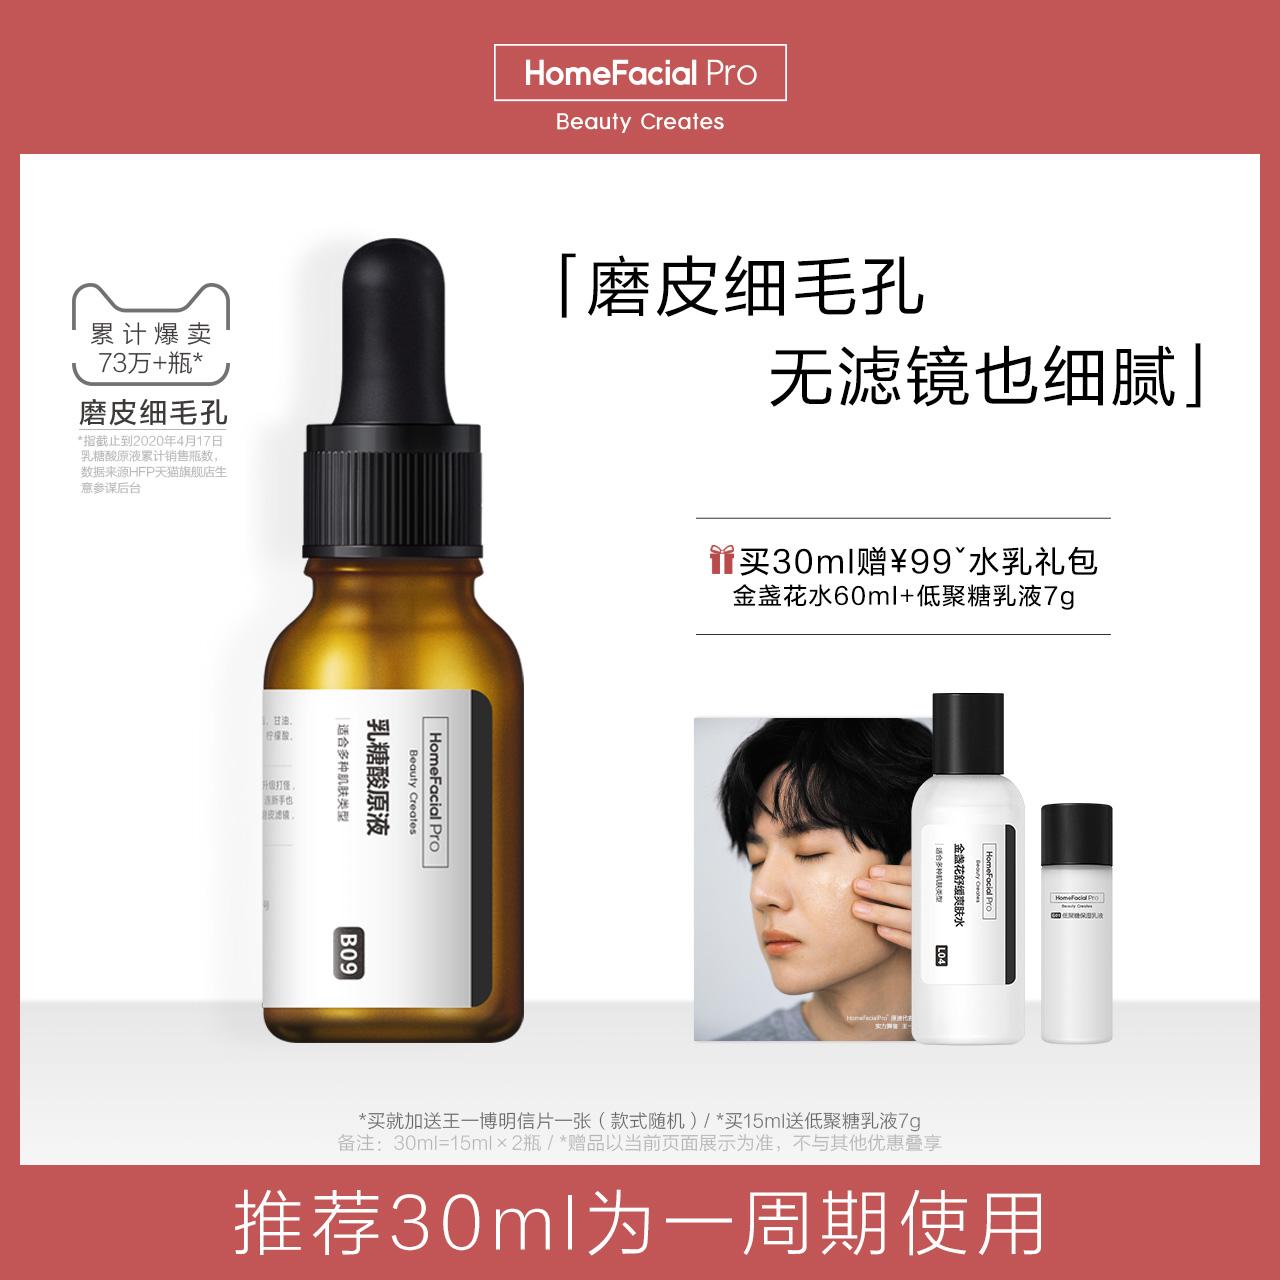 【热销单品】HFP乳糖酸原液 收缩毛孔精华液去黑头修护毛孔粗大